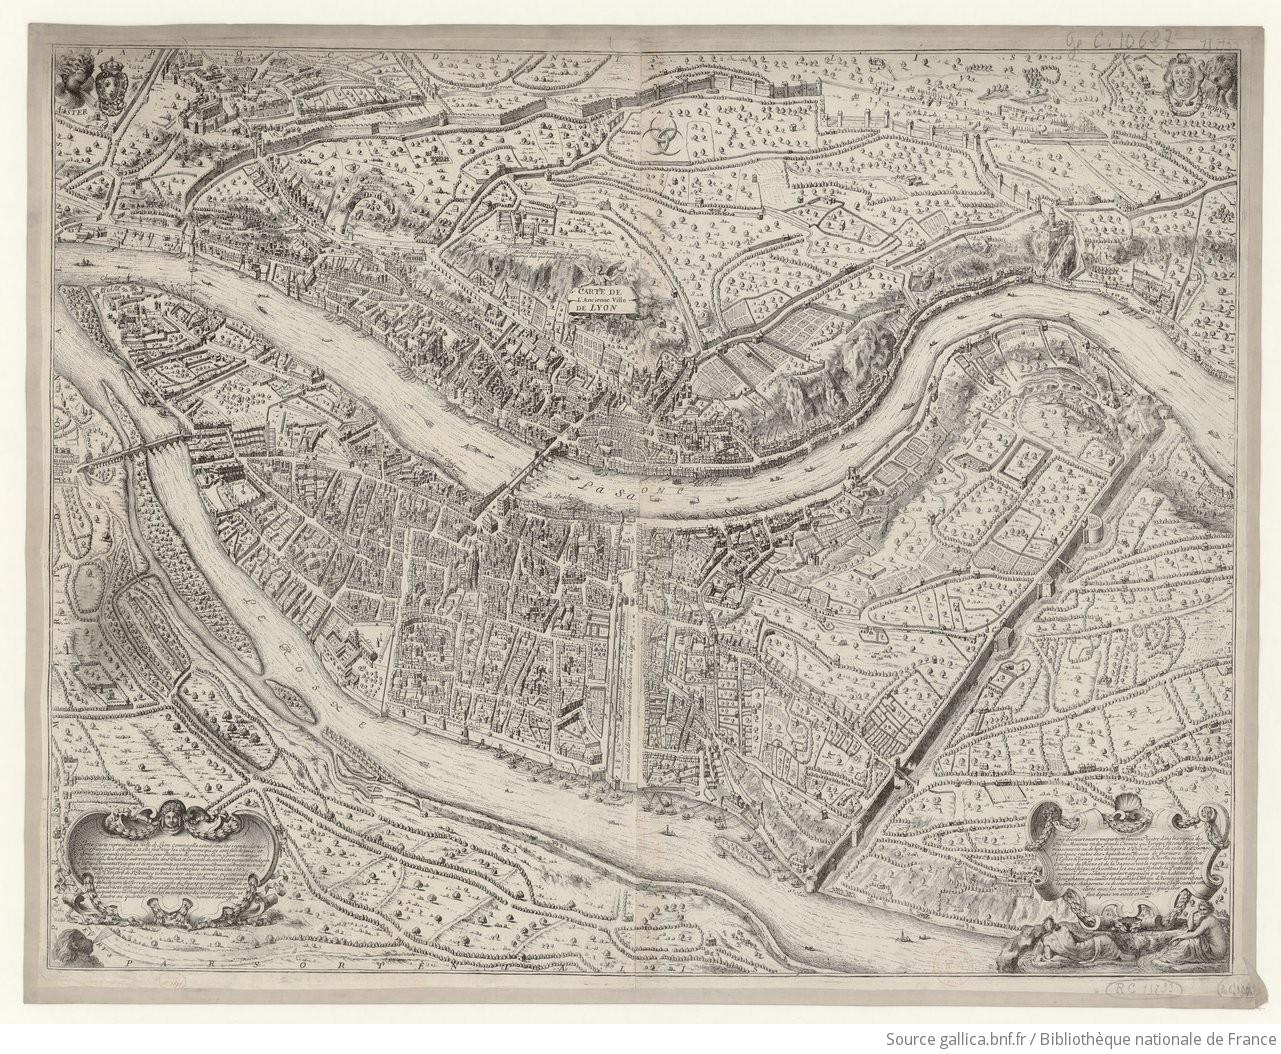 Carte de l'Ancienne Ville de Lyon. Cette carte représente la ville